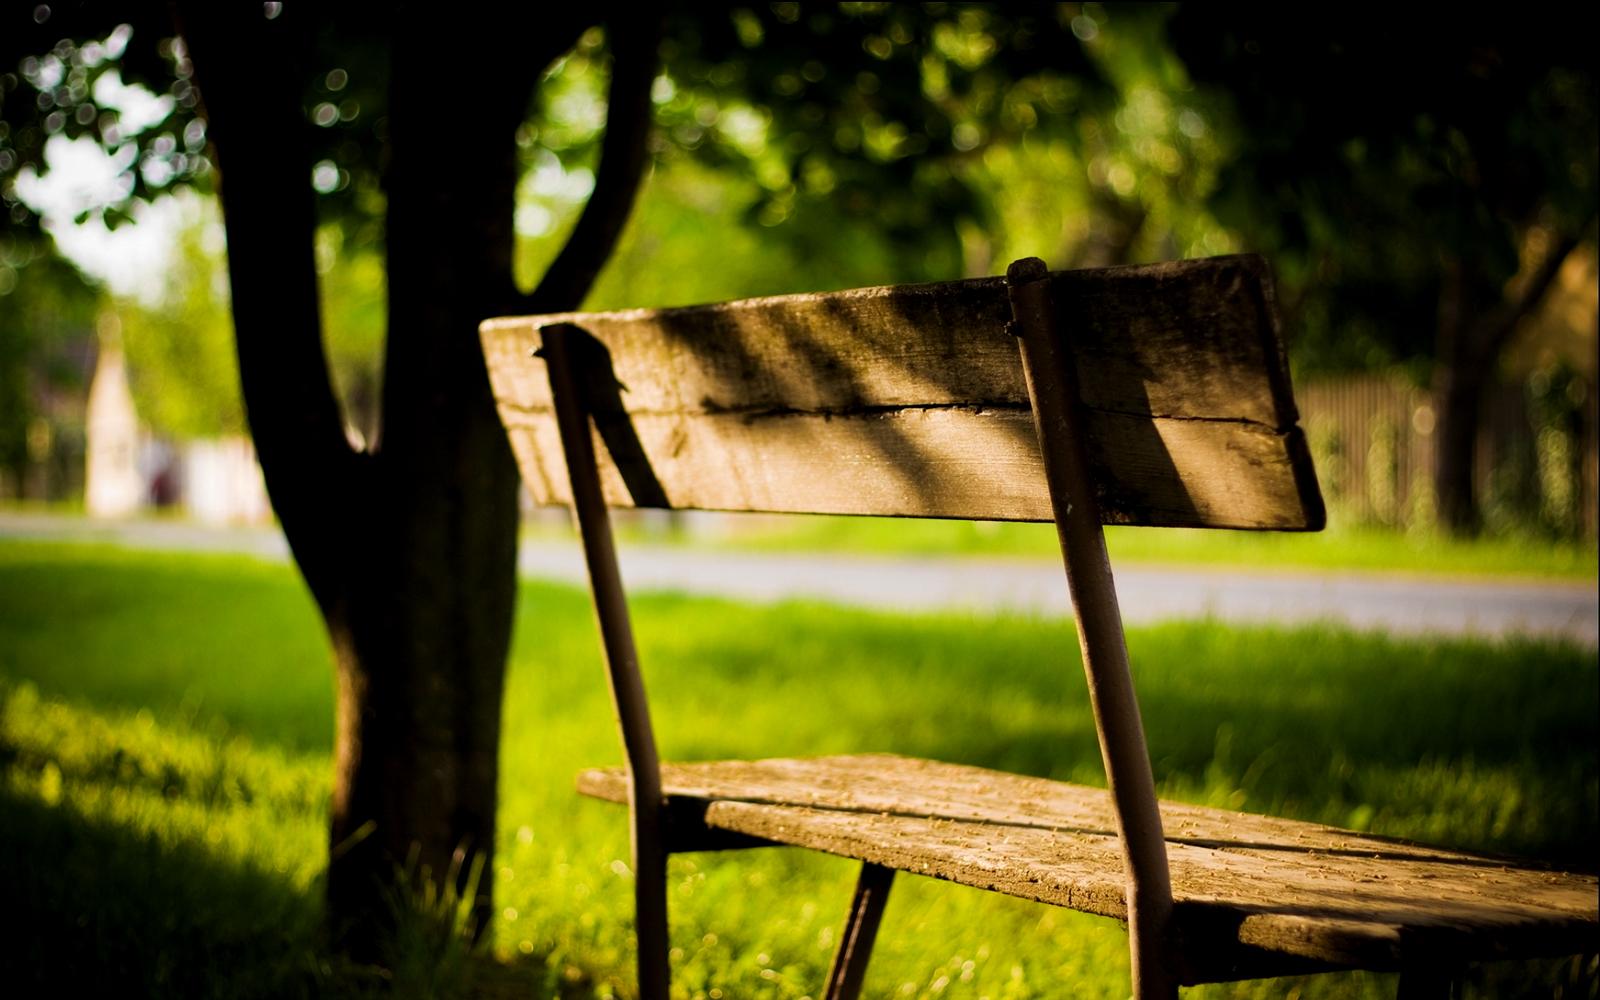 http://1.bp.blogspot.com/-u41ZuAfqaLQ/UCfNGocm2ZI/AAAAAAAADxw/4q5n08oAHUE/s1600/Old_Bench_Grass_and_Trees_HD_Wallpaper-Vvallpaper.Net.jpg